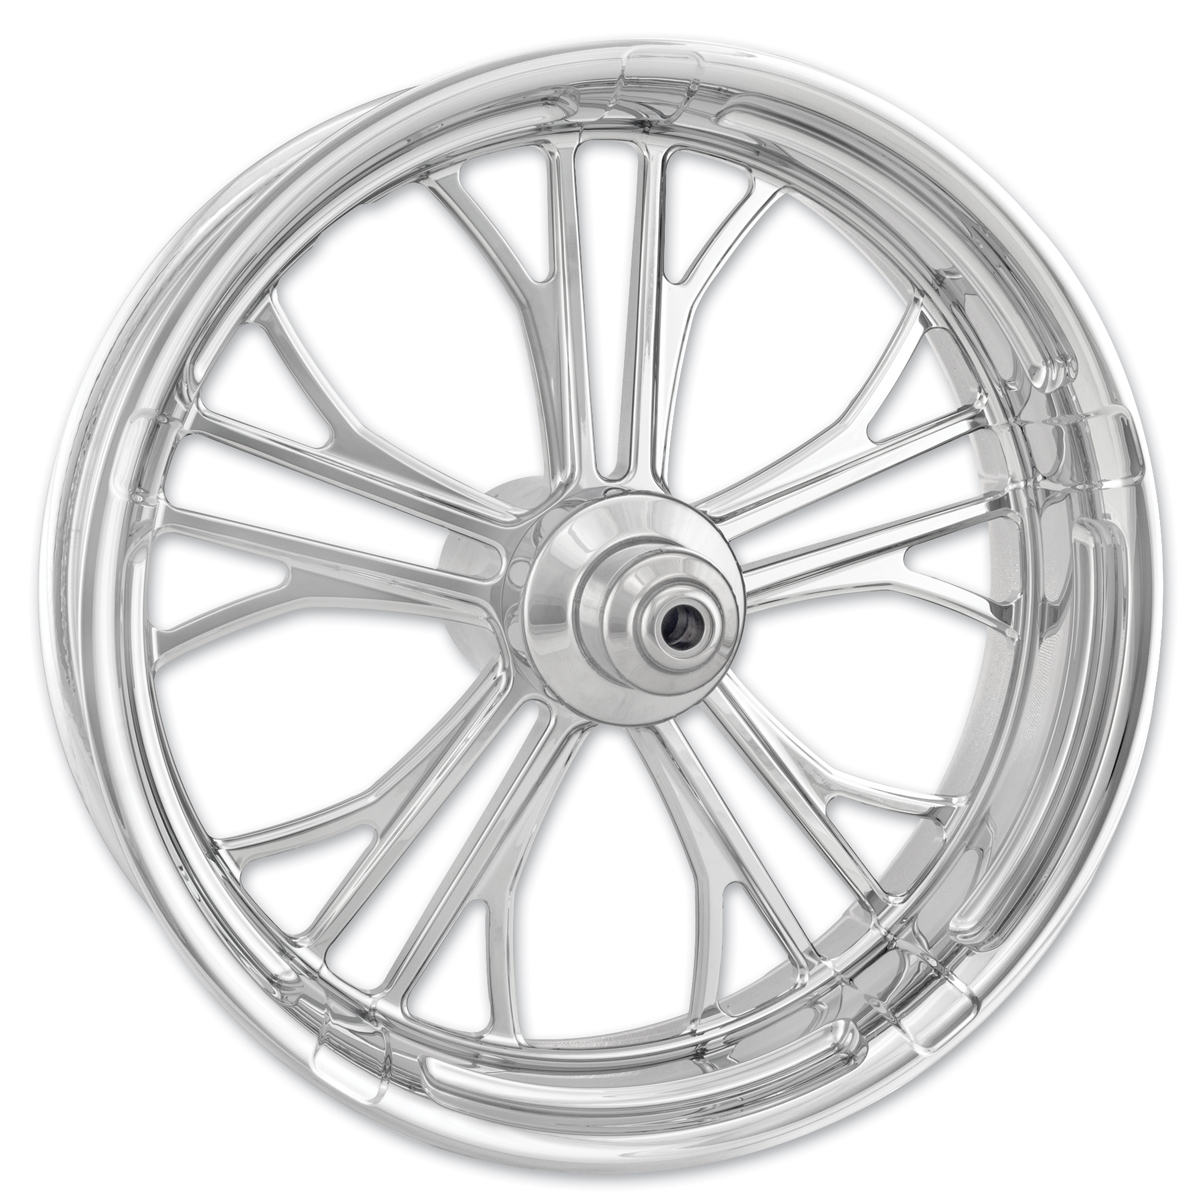 Performance Machine Dixon Chrome Front Wheel 21x3.5 Non-ABS